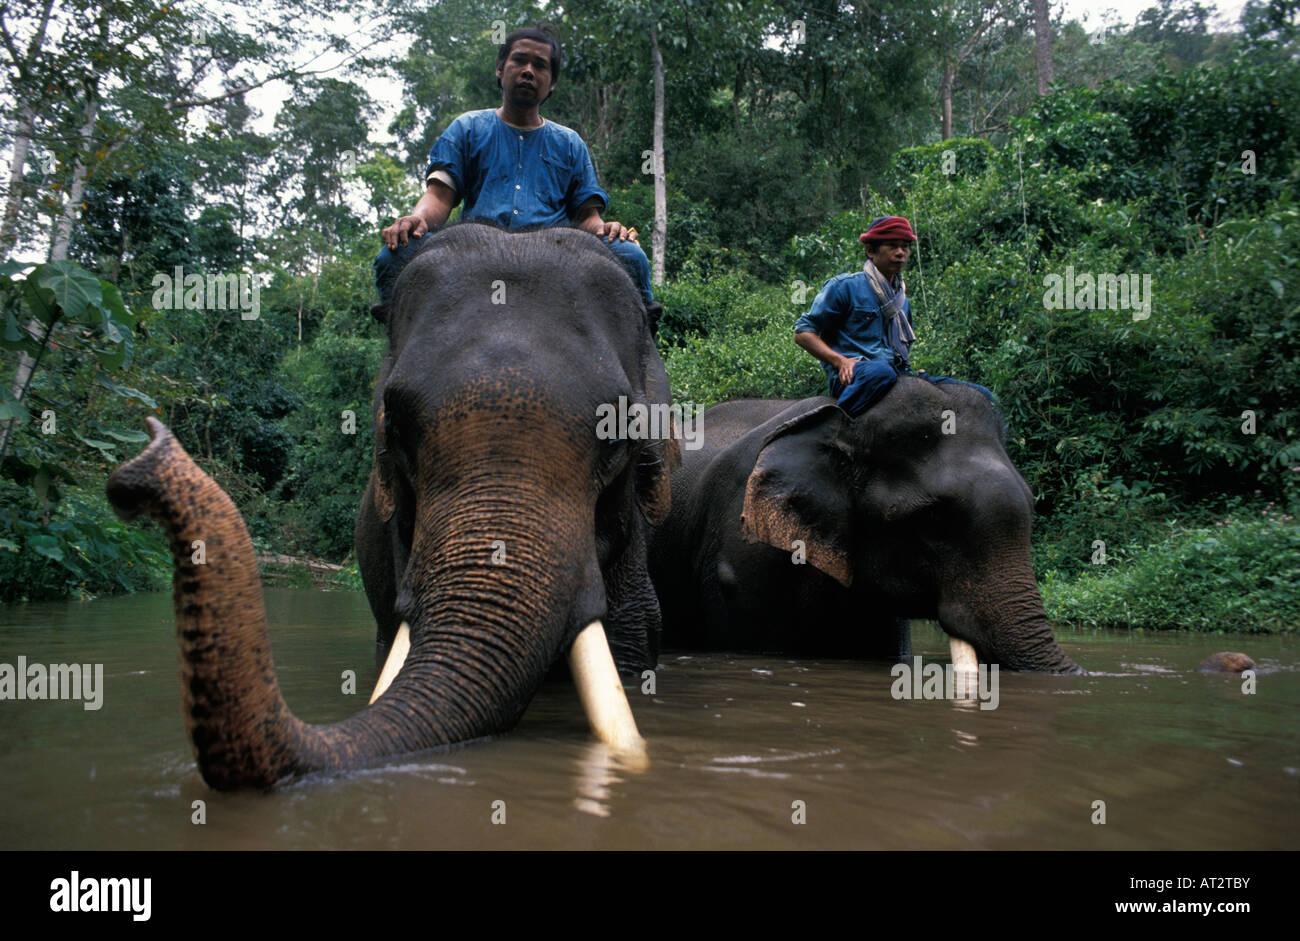 Elefant Indien Asiatischer Elefant indisch Elehant Asiatischer Elefant Elephas Maximus Tiere Asien Asien Gefangenen Stockbild